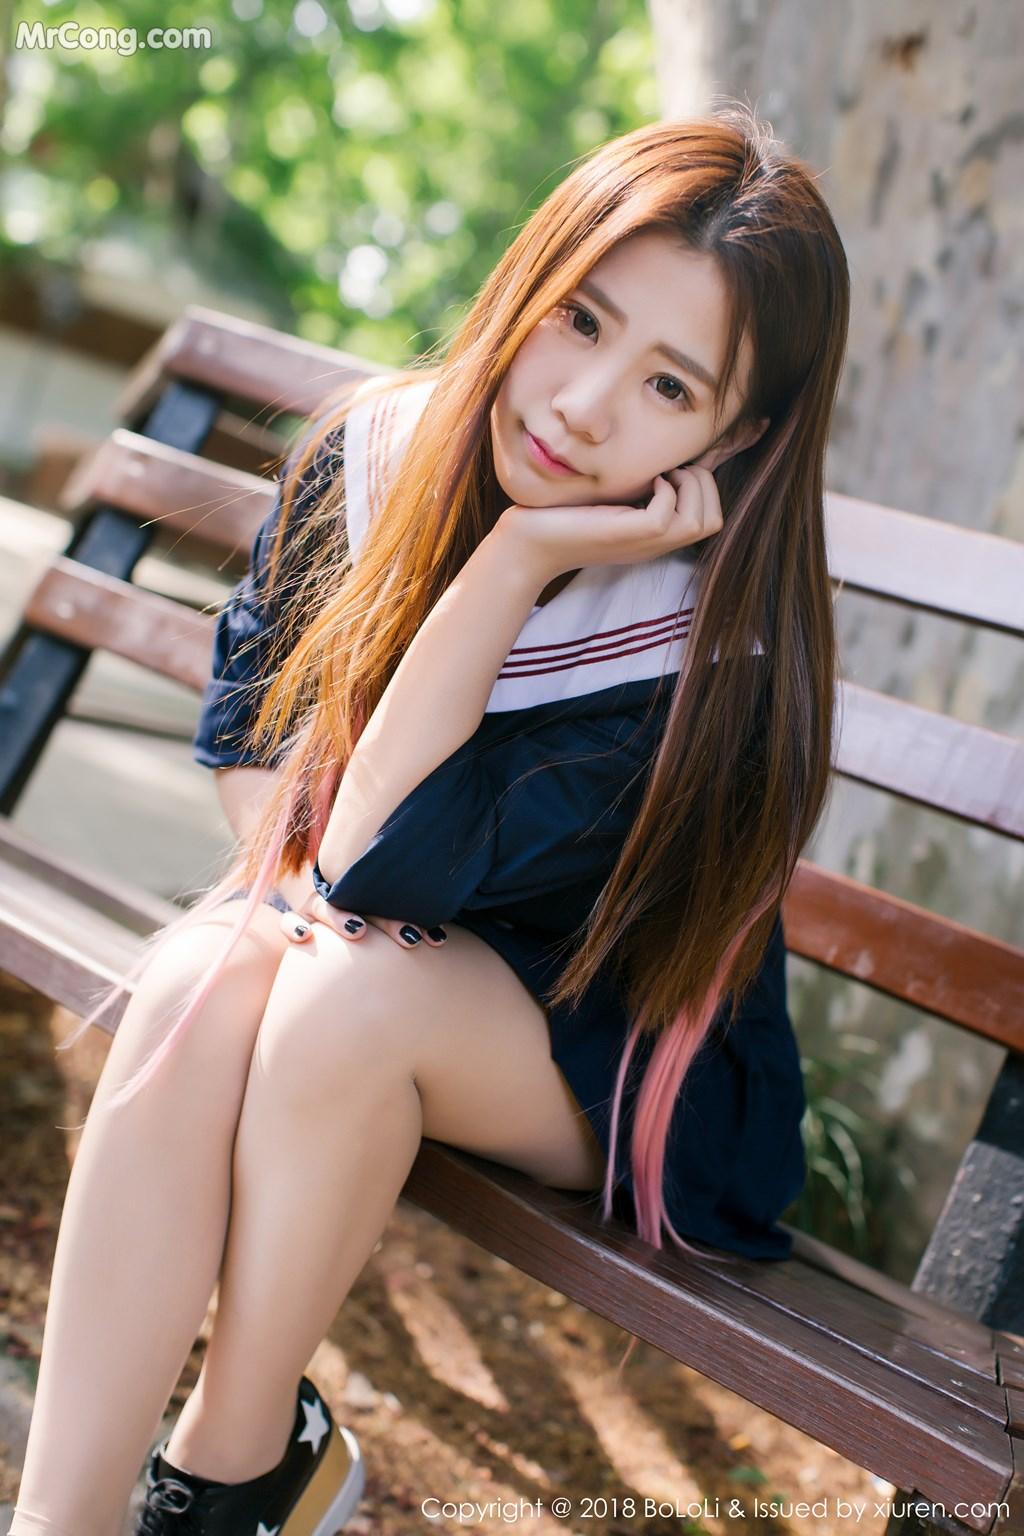 Image Tukmo-Vol.107-Dong-Chen-Li-MrCong.com-006 in post Tukmo Vol.107: Người mẫu Dong Chen Li (董成丽) (43 ảnh)